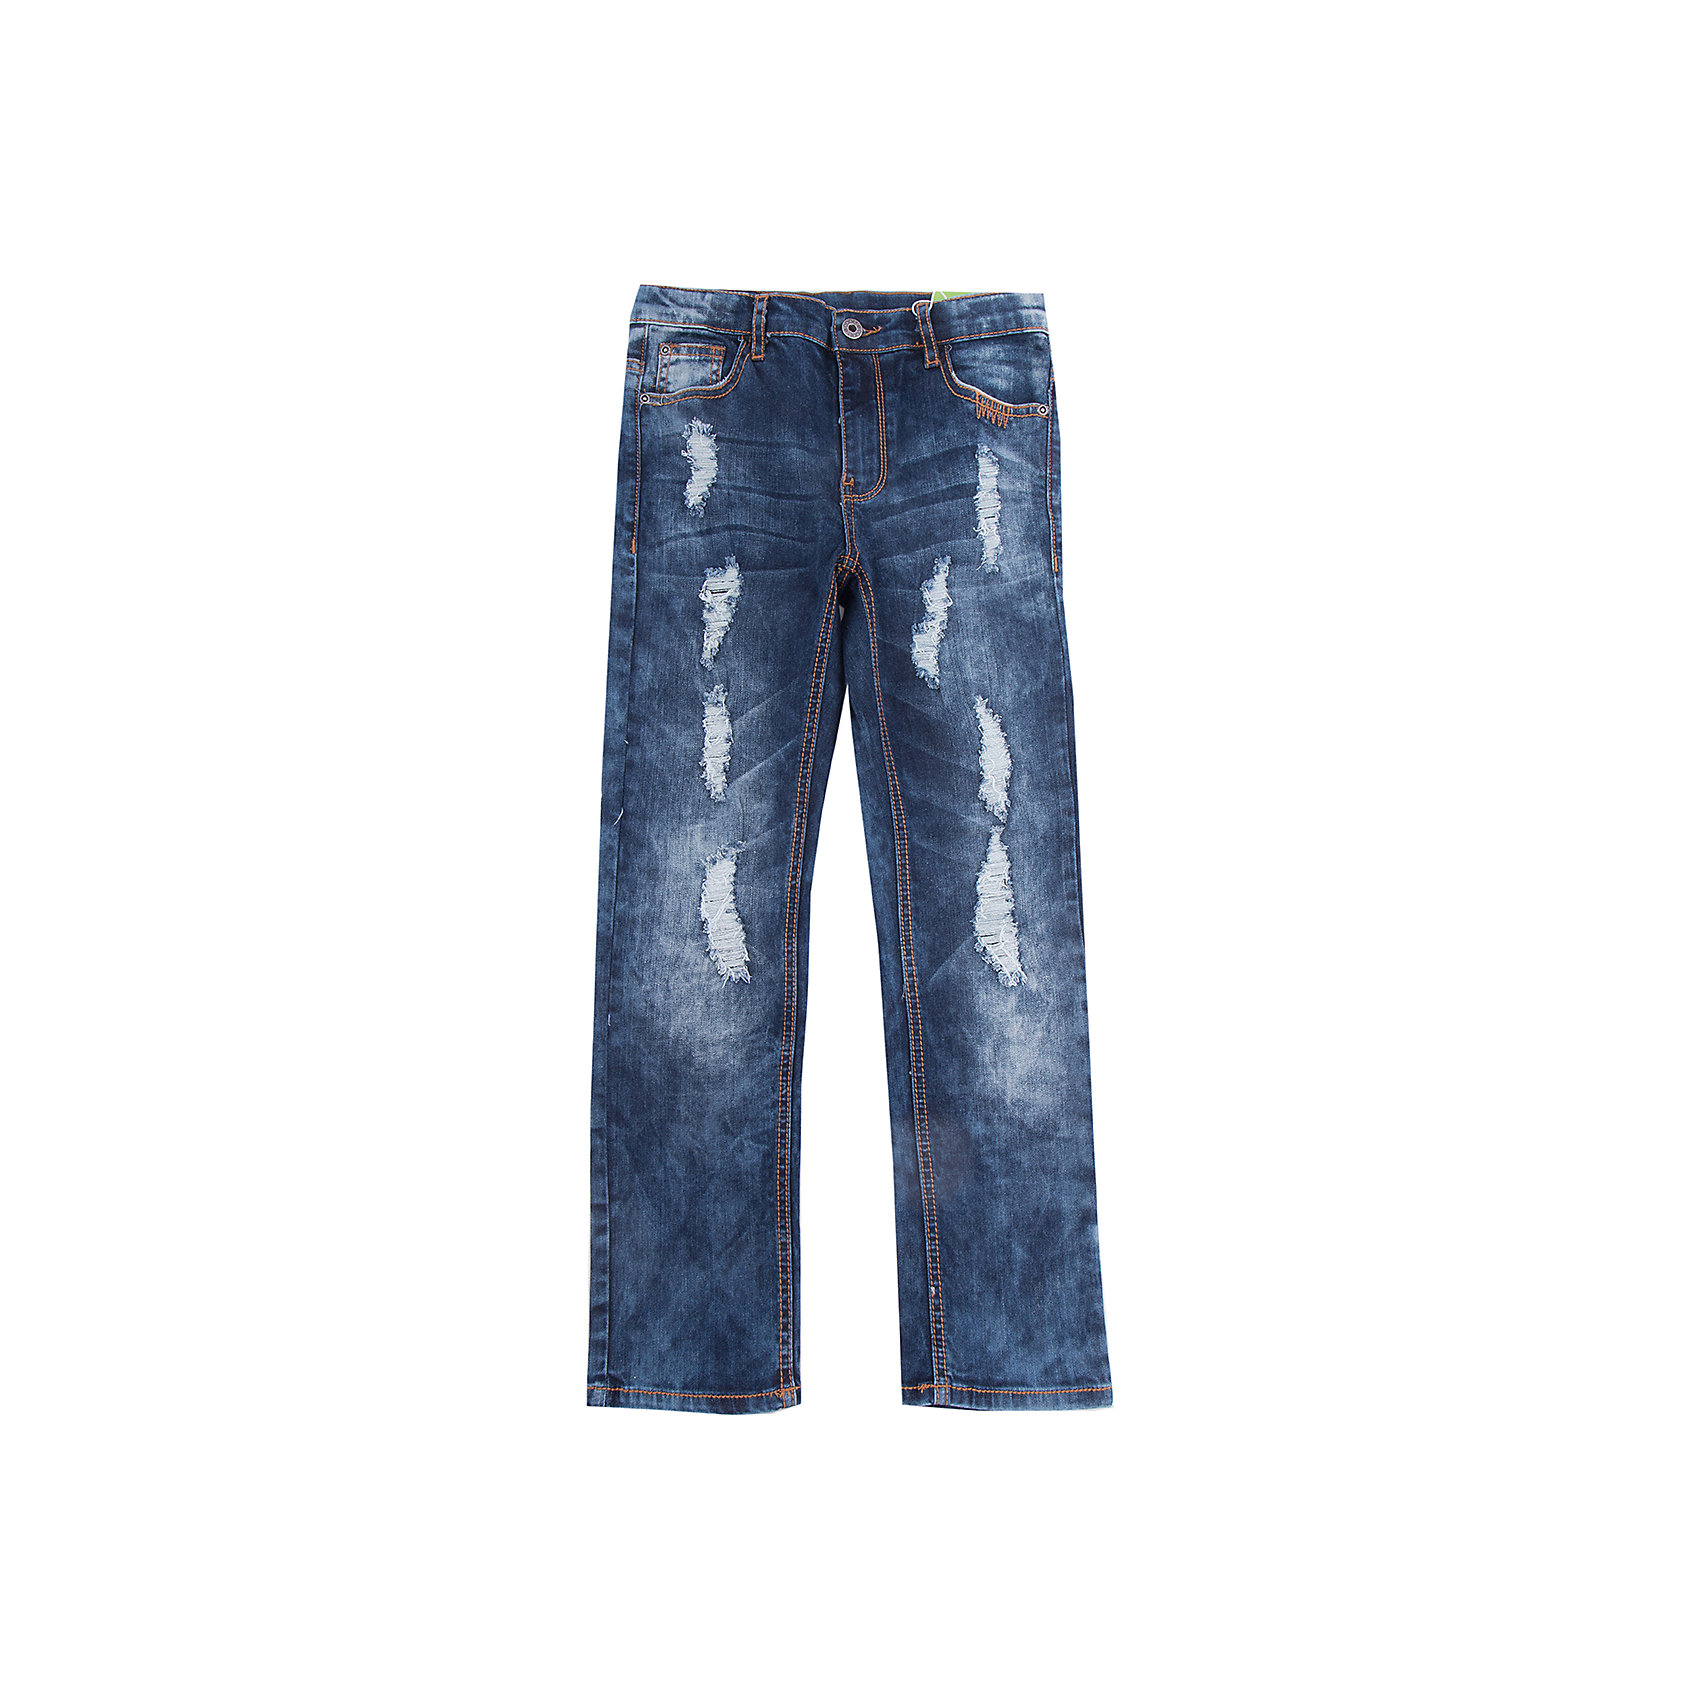 Джинсы Scool для мальчикаДжинсы<br>Джинсы Scool для мальчика<br>Практичные брюки - джинсы - отличное решение для повседневного гардероба ребенка. Классическая 5-ти карманная модель. Пояс изнутри регулируется за счет удобной резинки на пуговицах. Джинсы со шлевками, при необходимости можно использовать ремень. Модель декорирована декоративными потертостями.<br>Состав:<br>98% хлопок, 2% эластан<br><br>Ширина мм: 215<br>Глубина мм: 88<br>Высота мм: 191<br>Вес г: 336<br>Цвет: синий<br>Возраст от месяцев: 156<br>Возраст до месяцев: 168<br>Пол: Мужской<br>Возраст: Детский<br>Размер: 164,134,140,146,152,158<br>SKU: 7104758